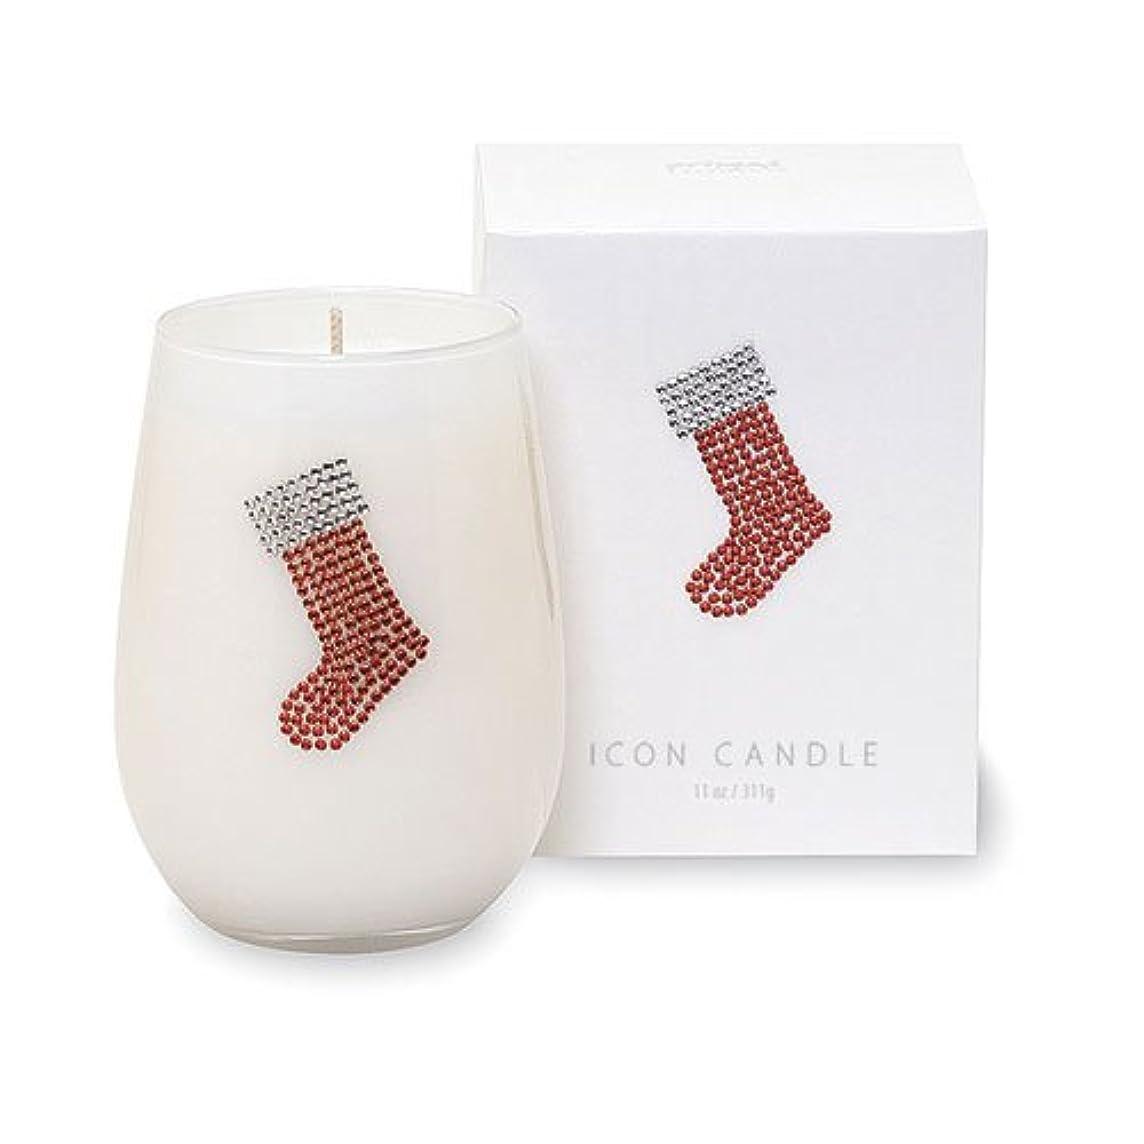 避難する物質クレデンシャルクリスマスアイコンキャンドル/くつ下ウィンターミントの香り キャンドル